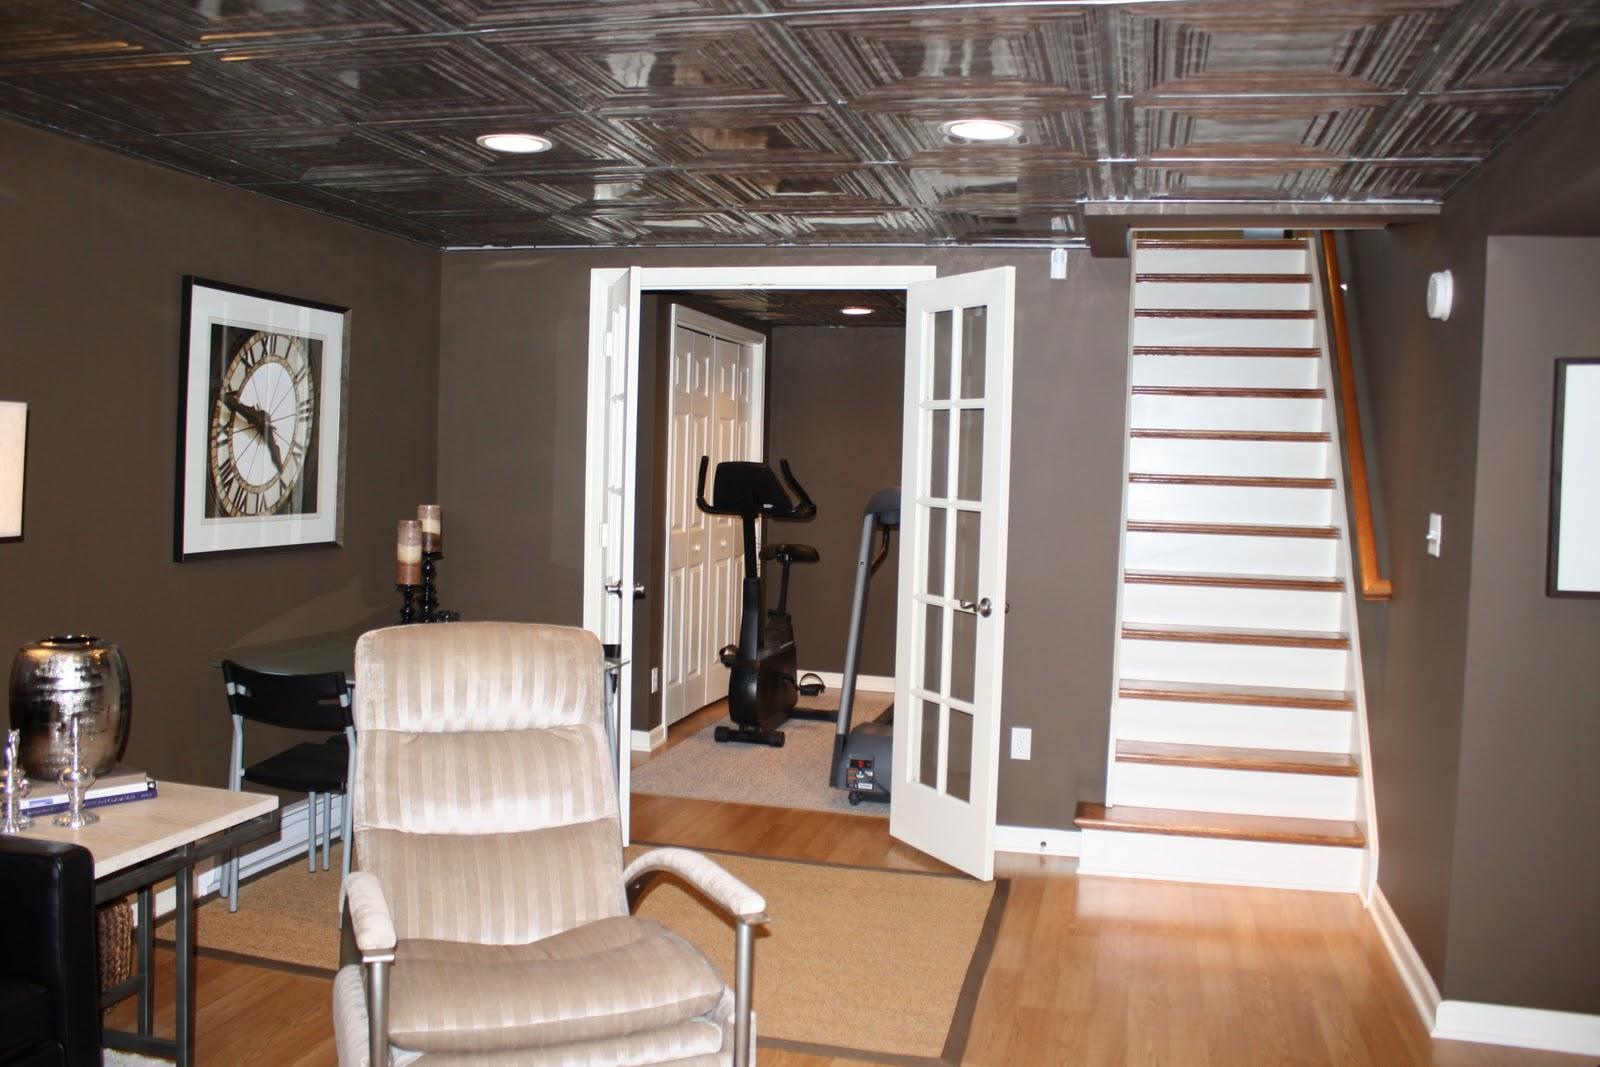 basement basement makeover rh basementimagination blogspot com Bathroom Make Over Unfinished Basement Makeover